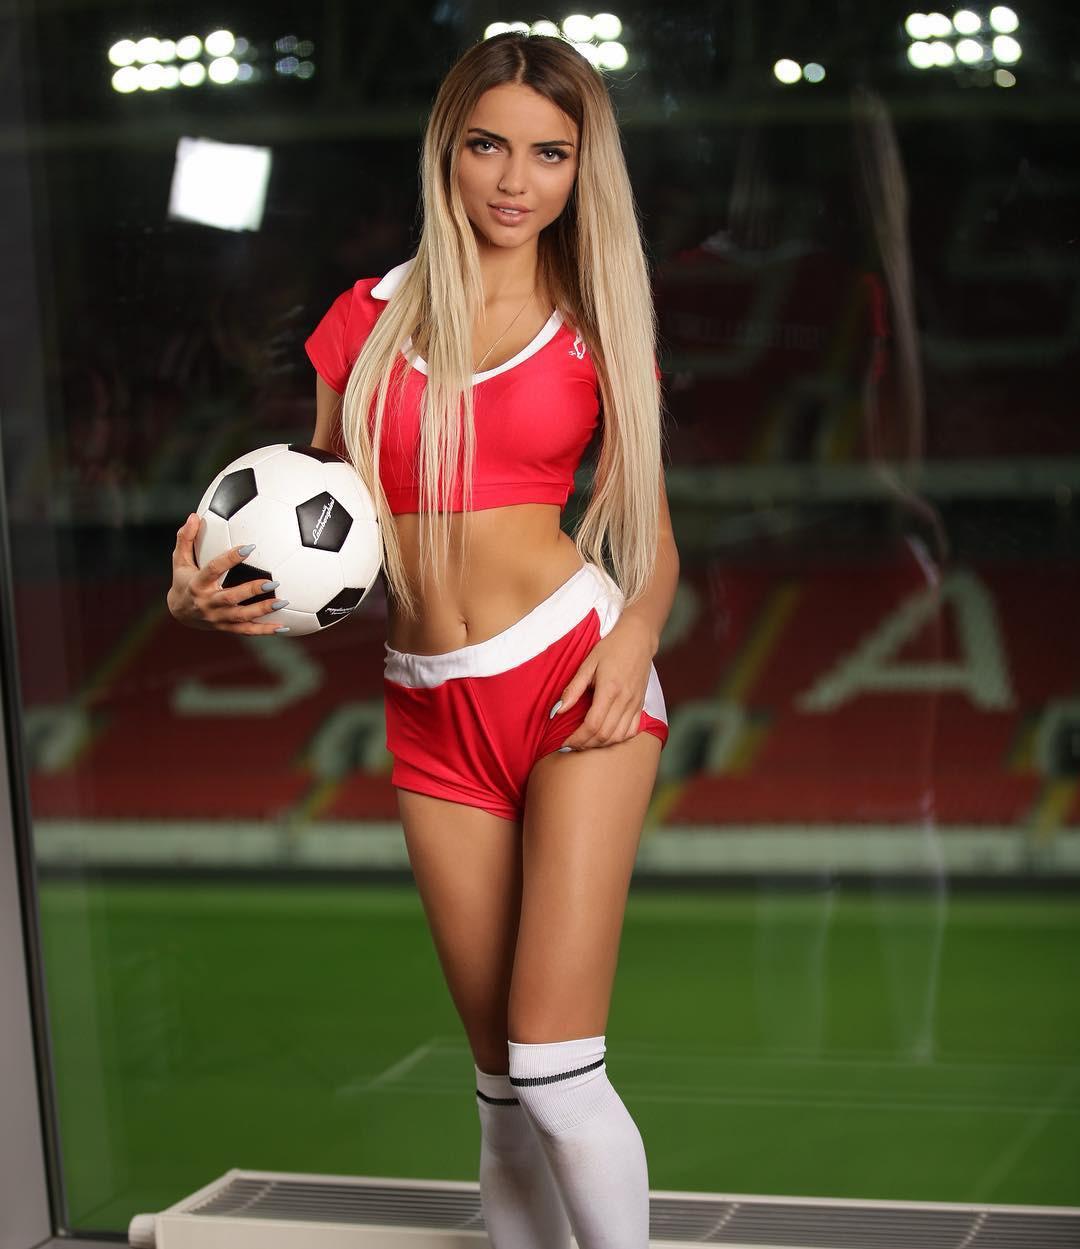 MXH Nga ngập tràn những cô nàng khoe dáng nóng bỏng chào mừng World Cup 2018 - Ảnh 5.